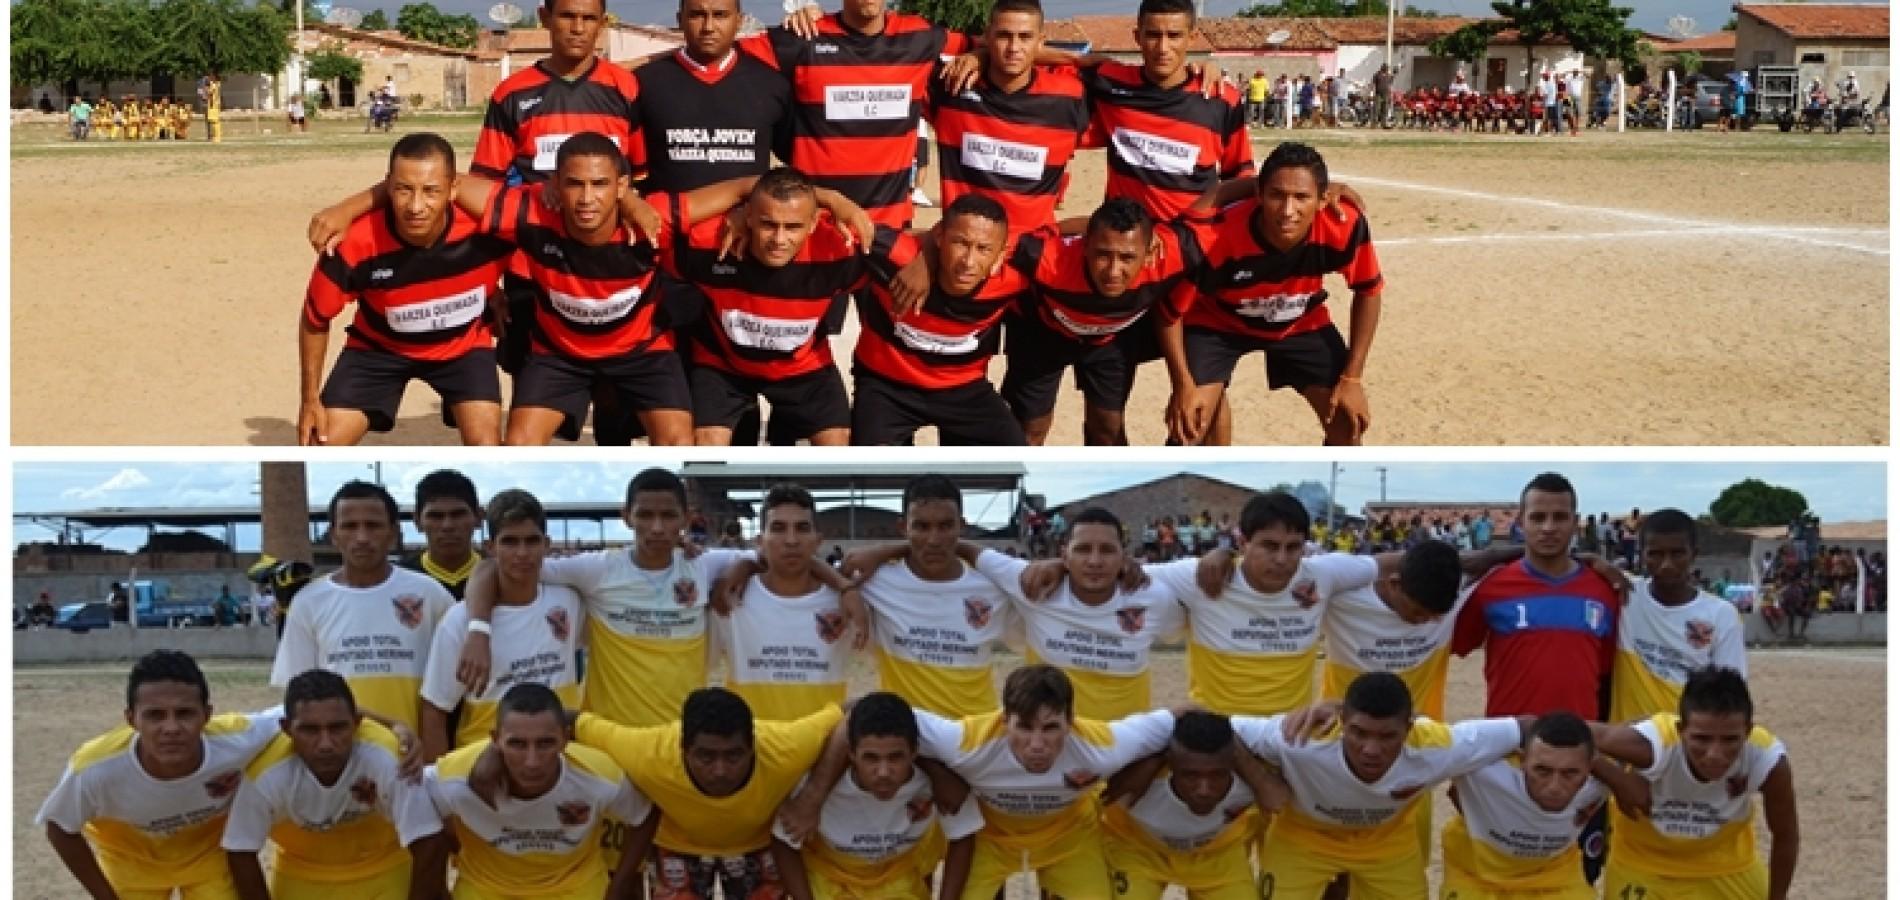 JAICÓS 180 ANOS: Força Jovem e Cerâmica disputam o título da Copa Galo